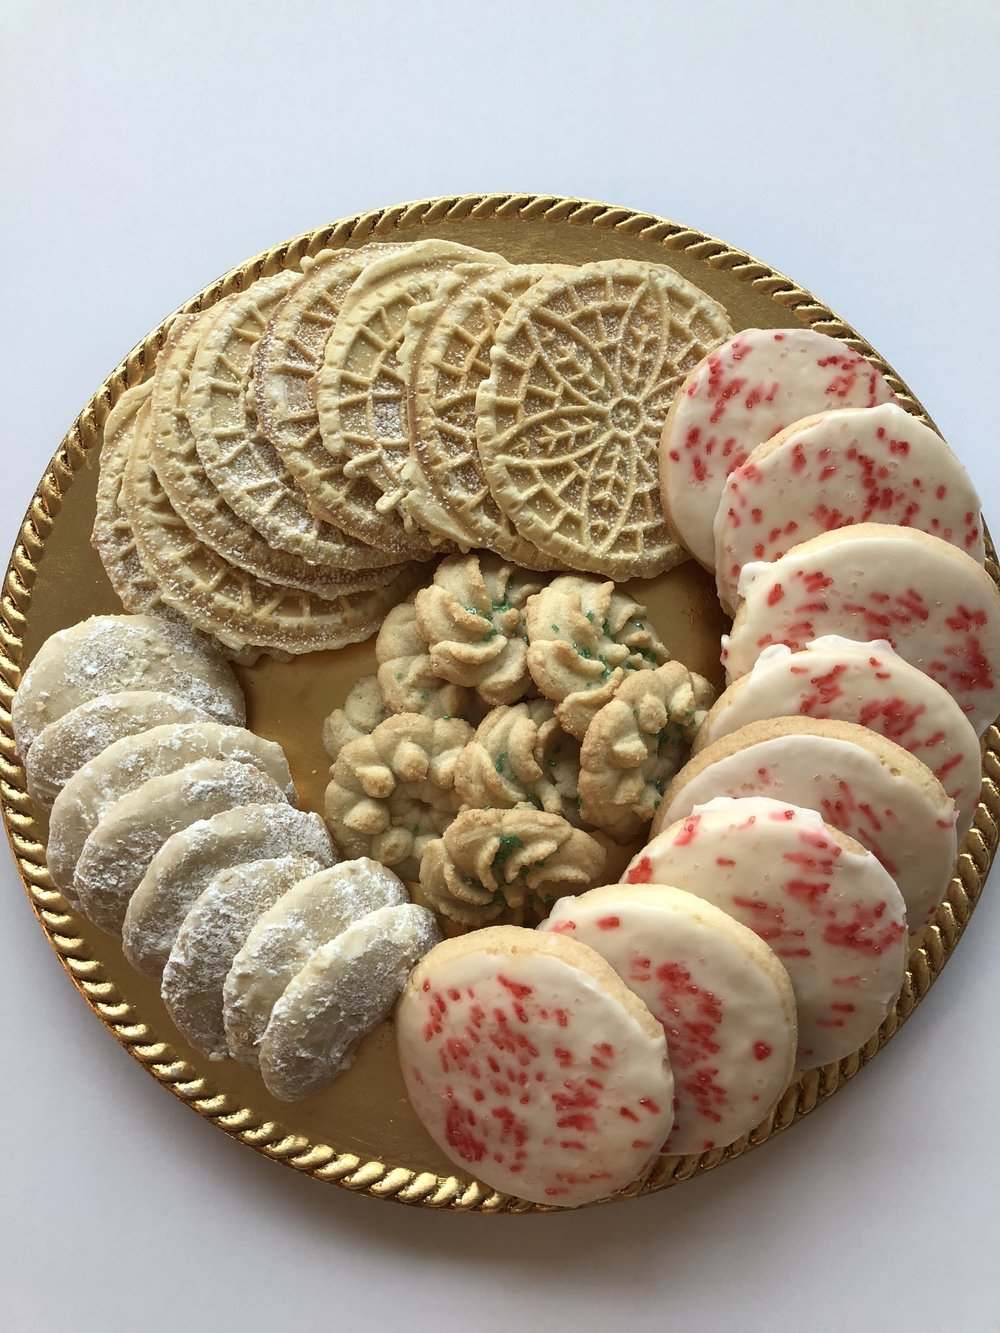 Seasonal Gluten & Dairy Free Assorted Christmas Cookies  $24 (32 cookies)